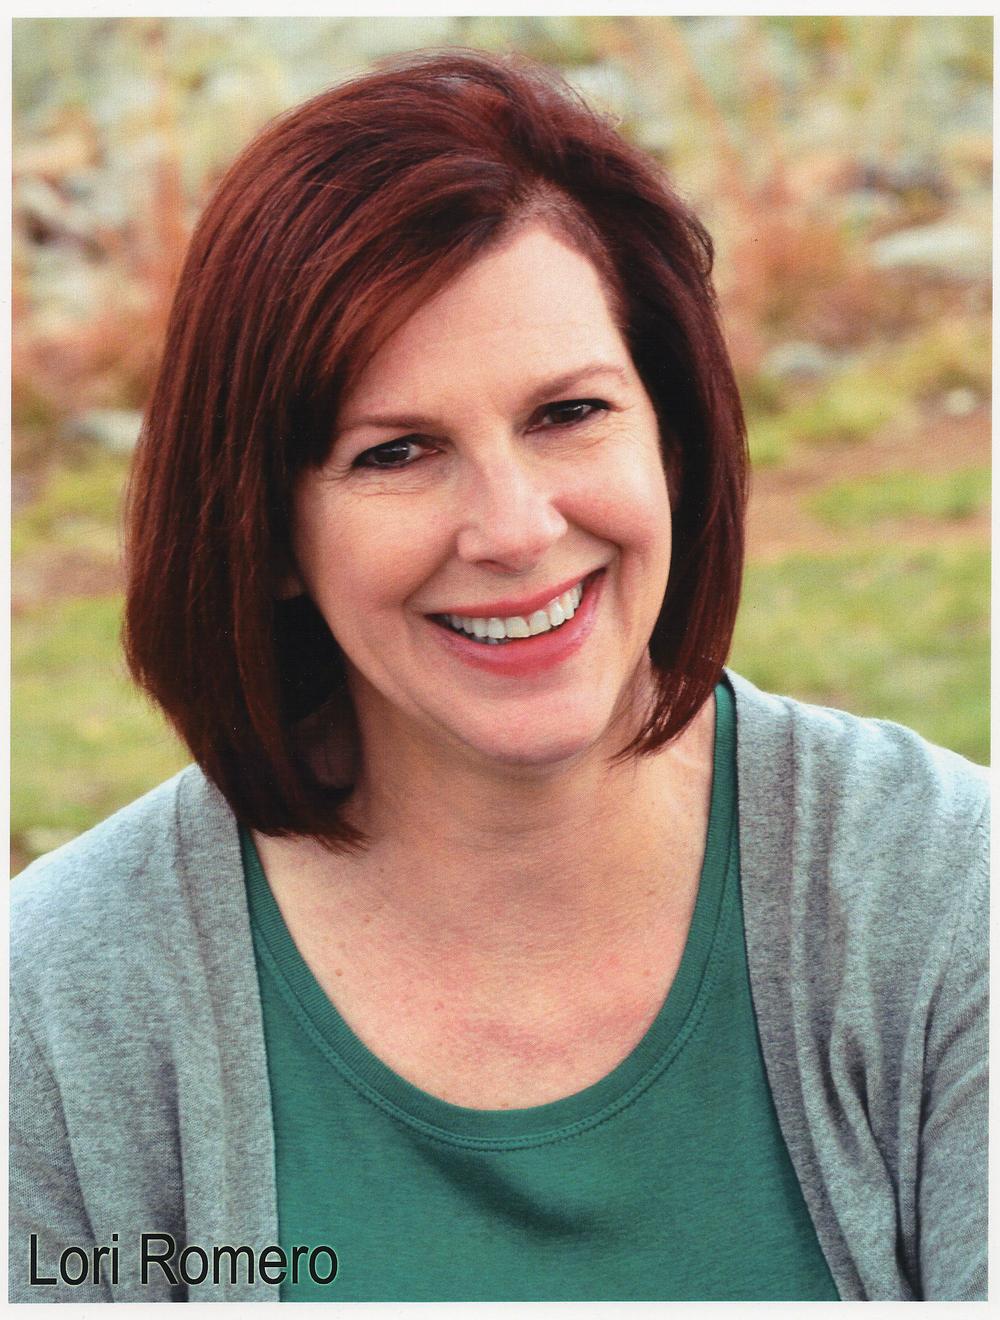 Lori Romero Headshot.JPG